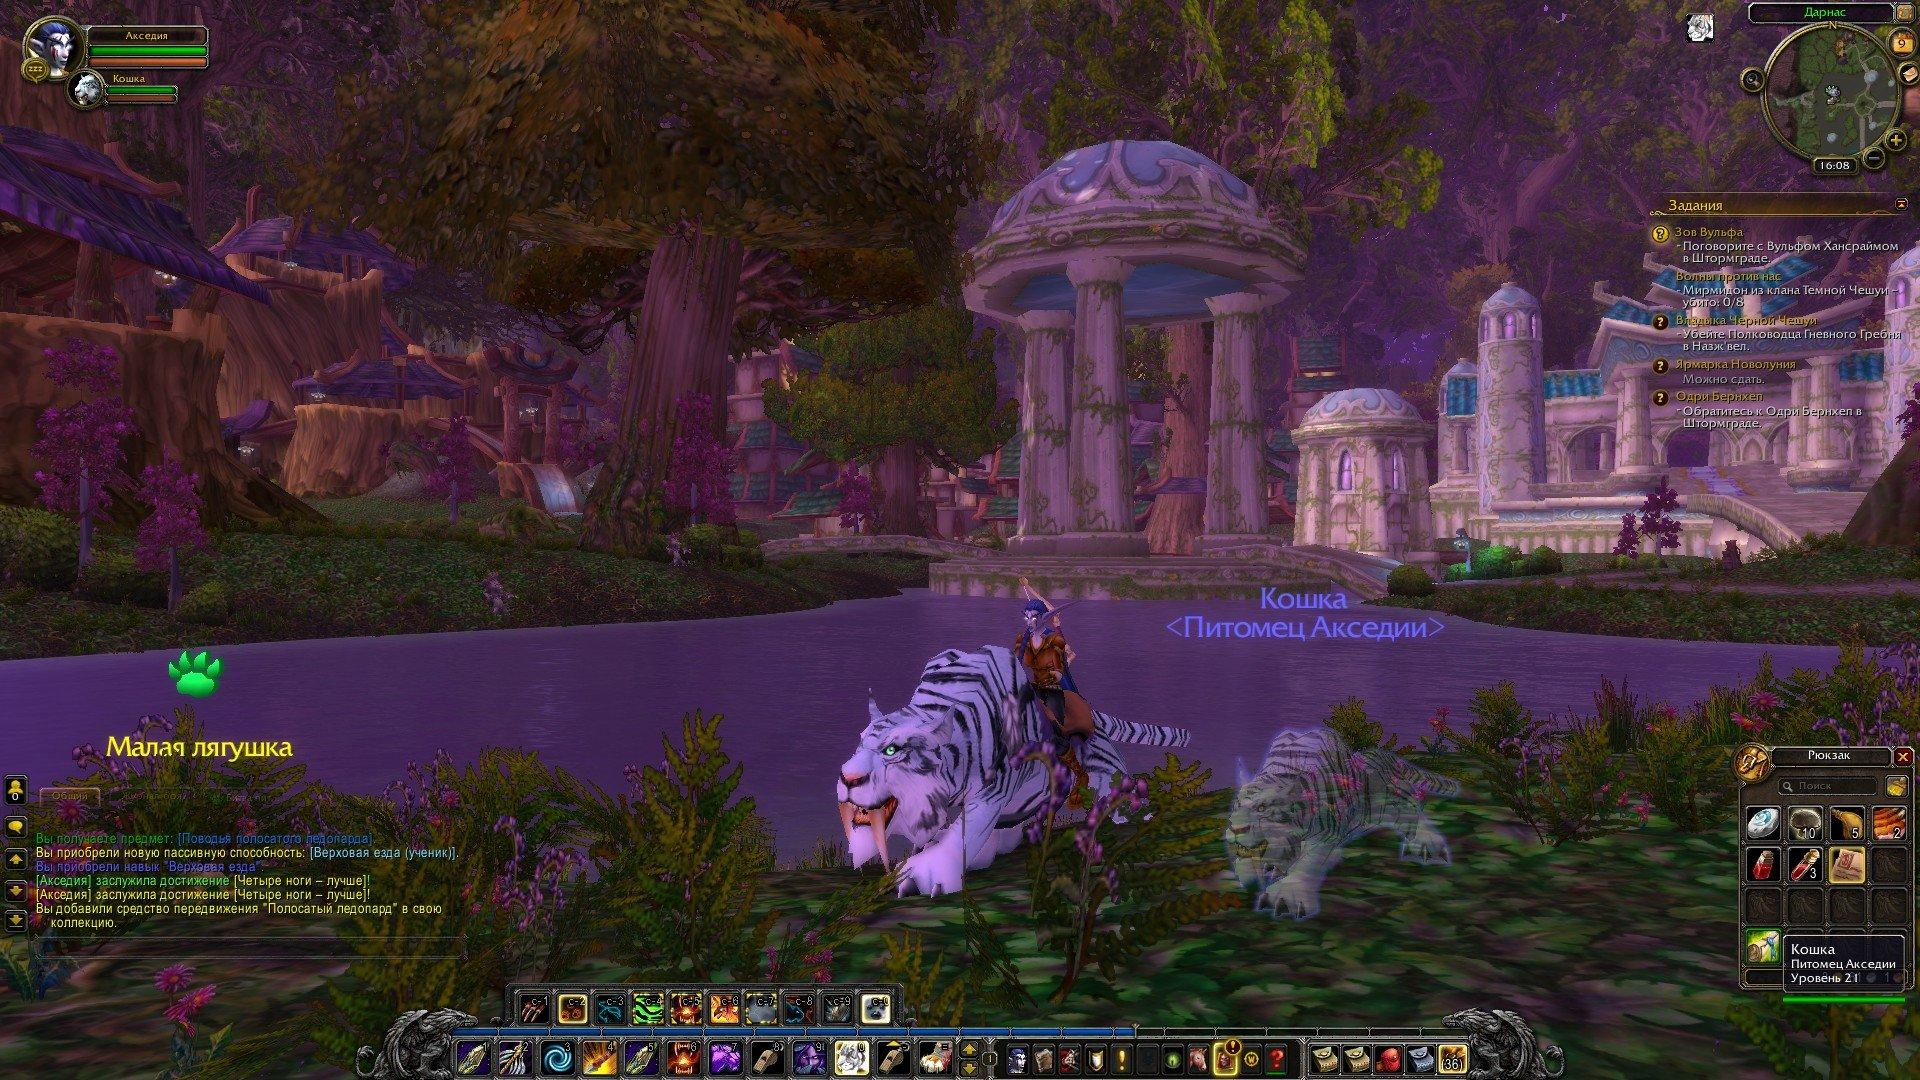 Путешествие по World of Warcraft ... Ночной Эльф. Глава 2 - Изображение 24